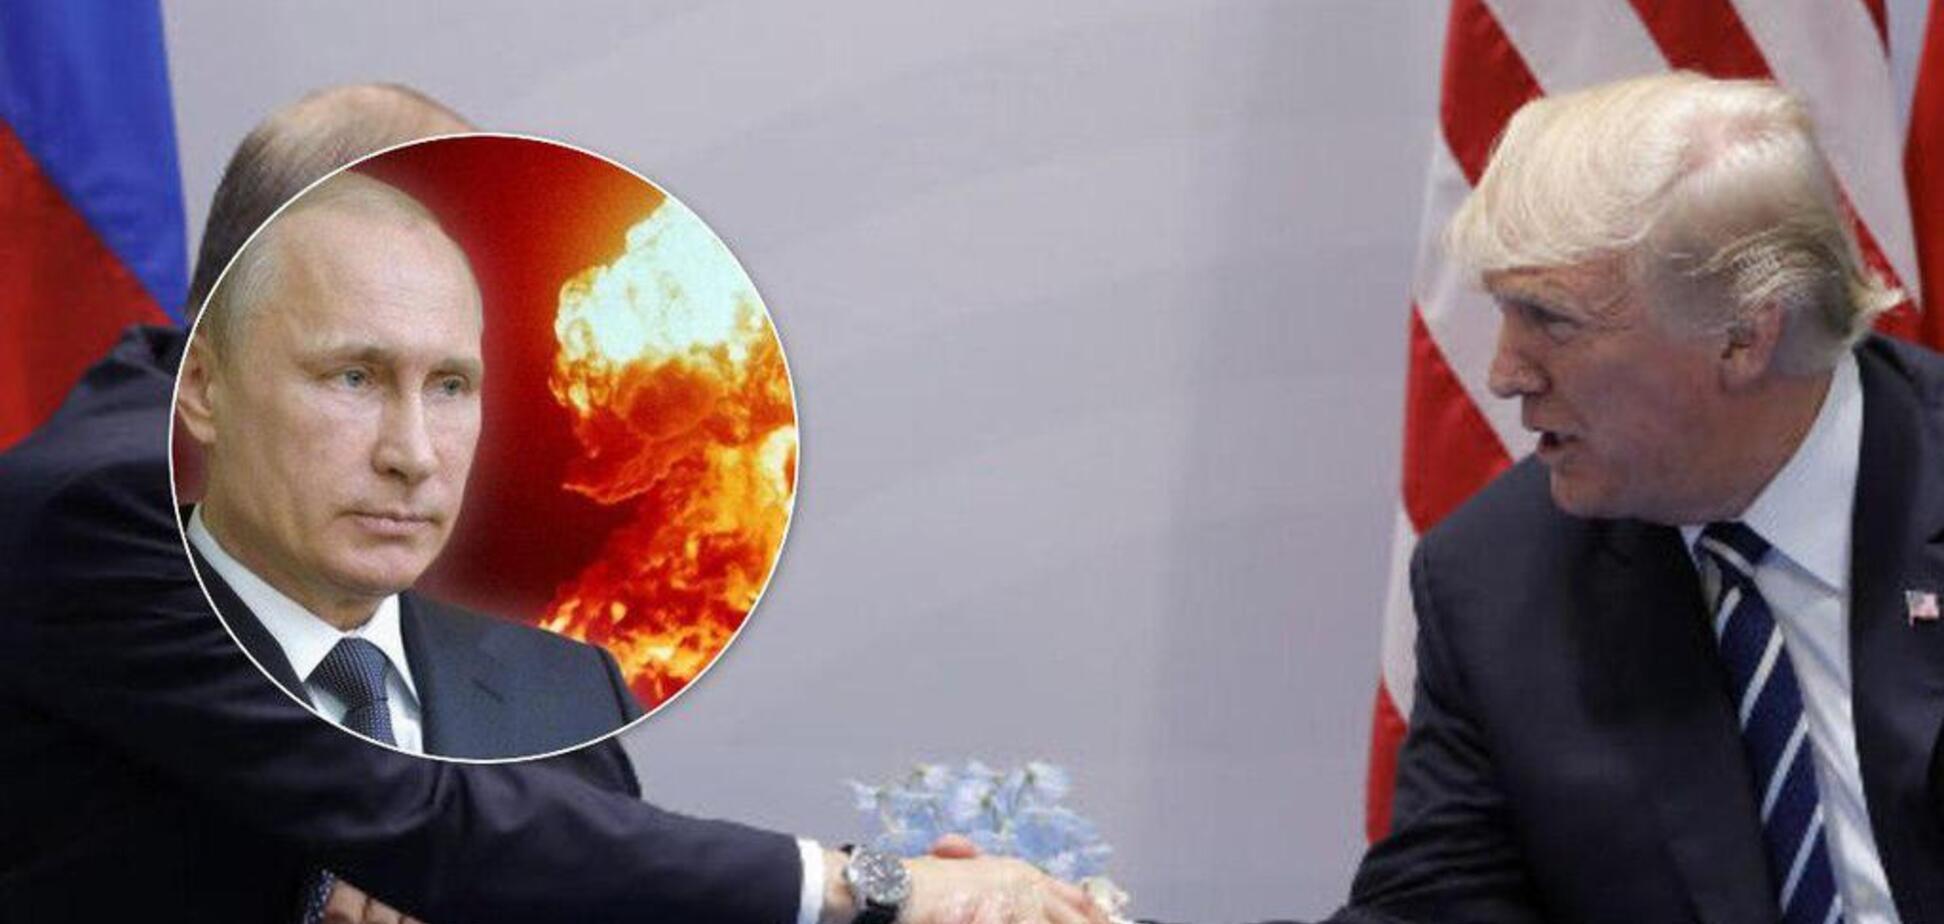 Трамп задумал крупную ядерную сделку с Путиным: о чем речь